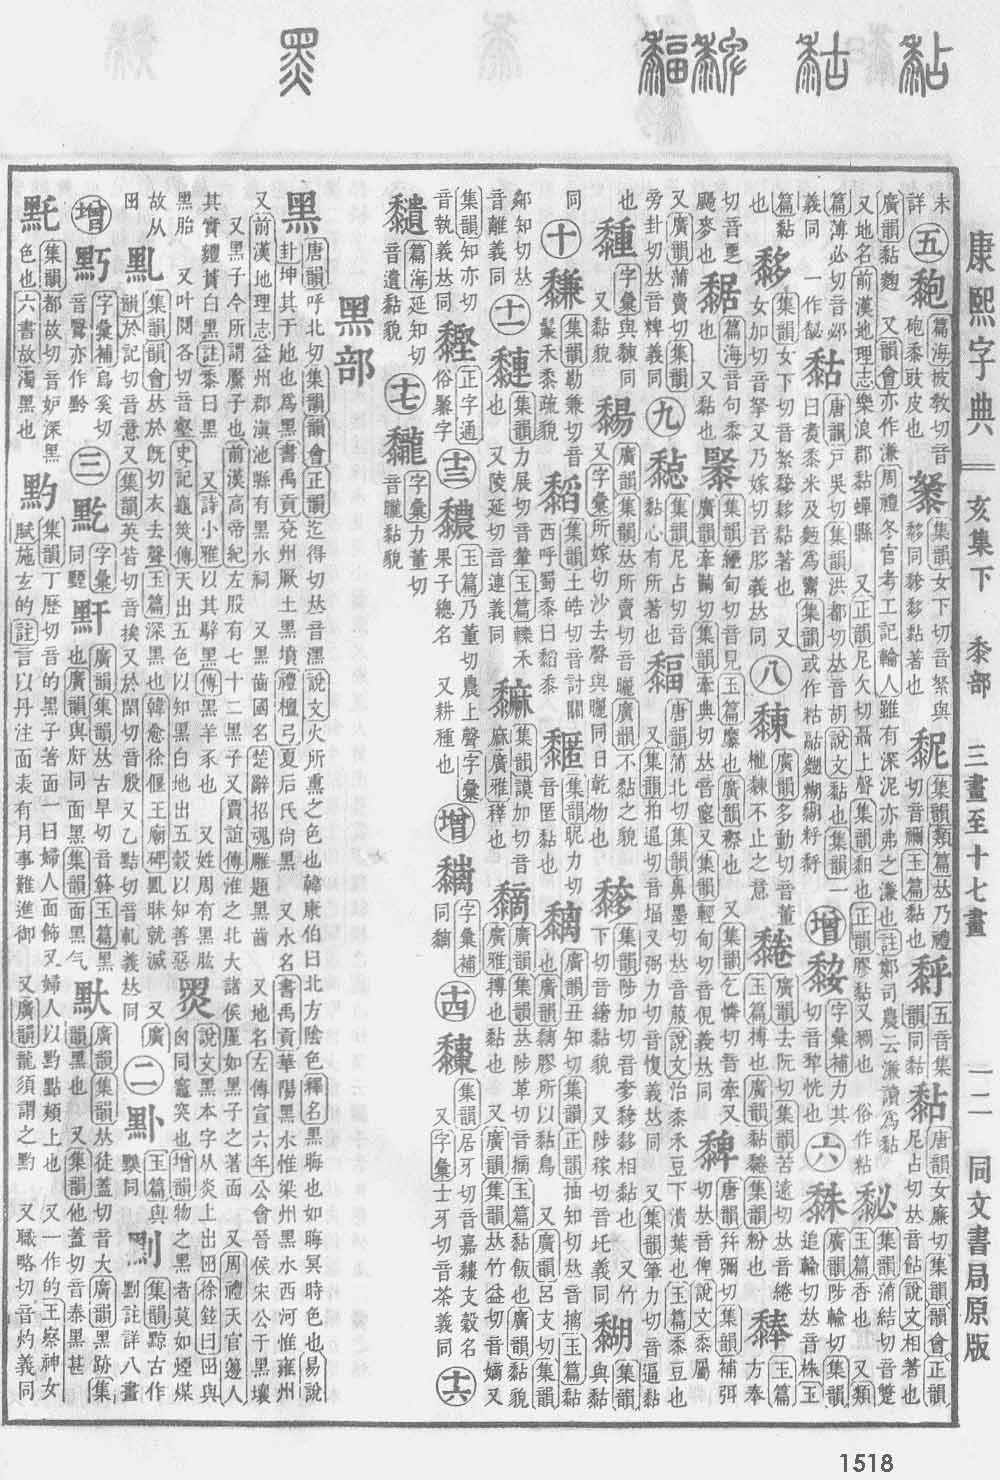 《康熙字典》第1518页